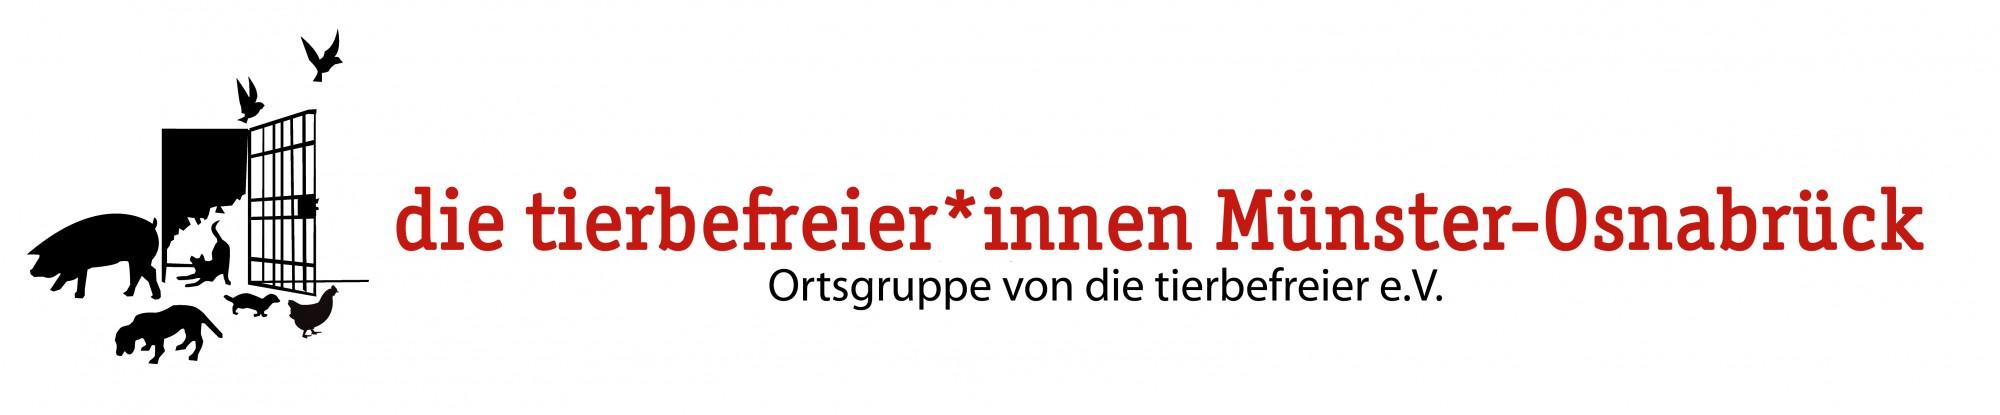 die tierbefreier*innen Münster-Osnabrück